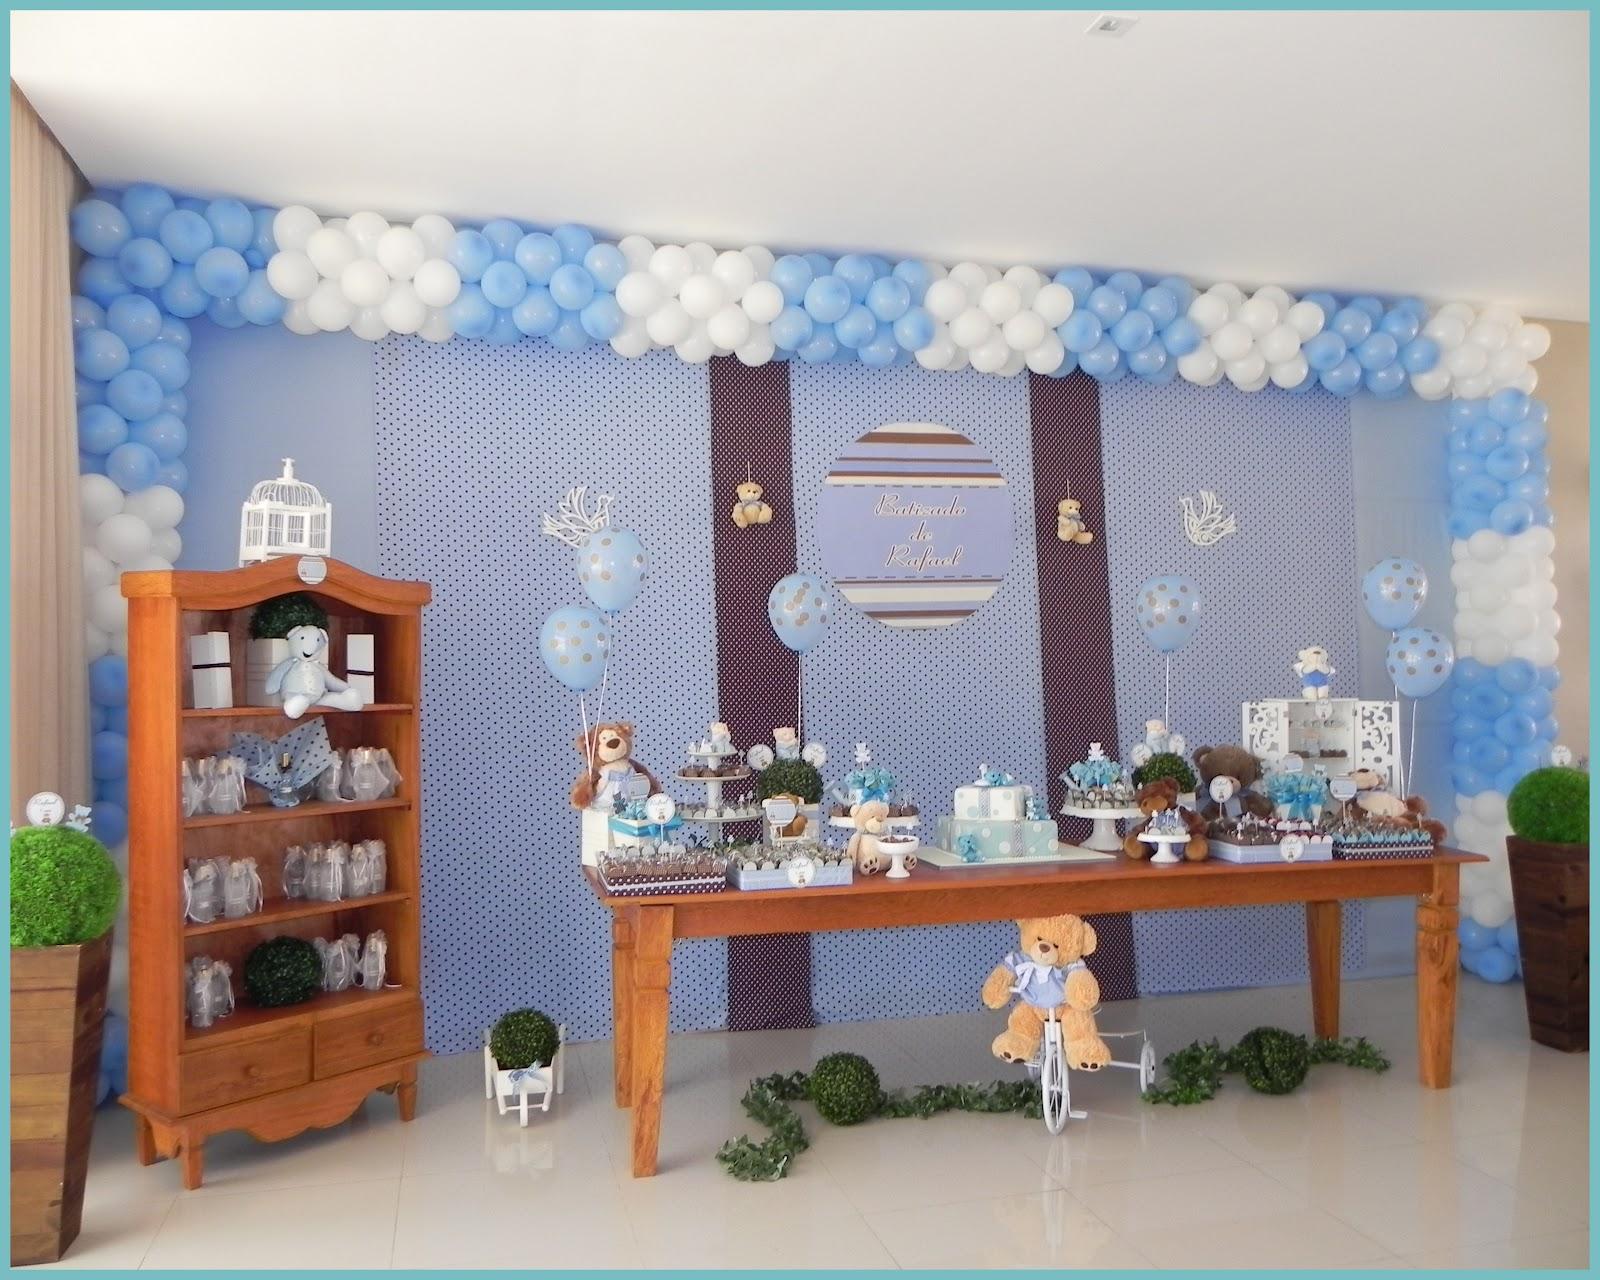 decoracao festa urso azul e marrom:mamãe de Rafael optou por realizar seu batizado juntamente com seu